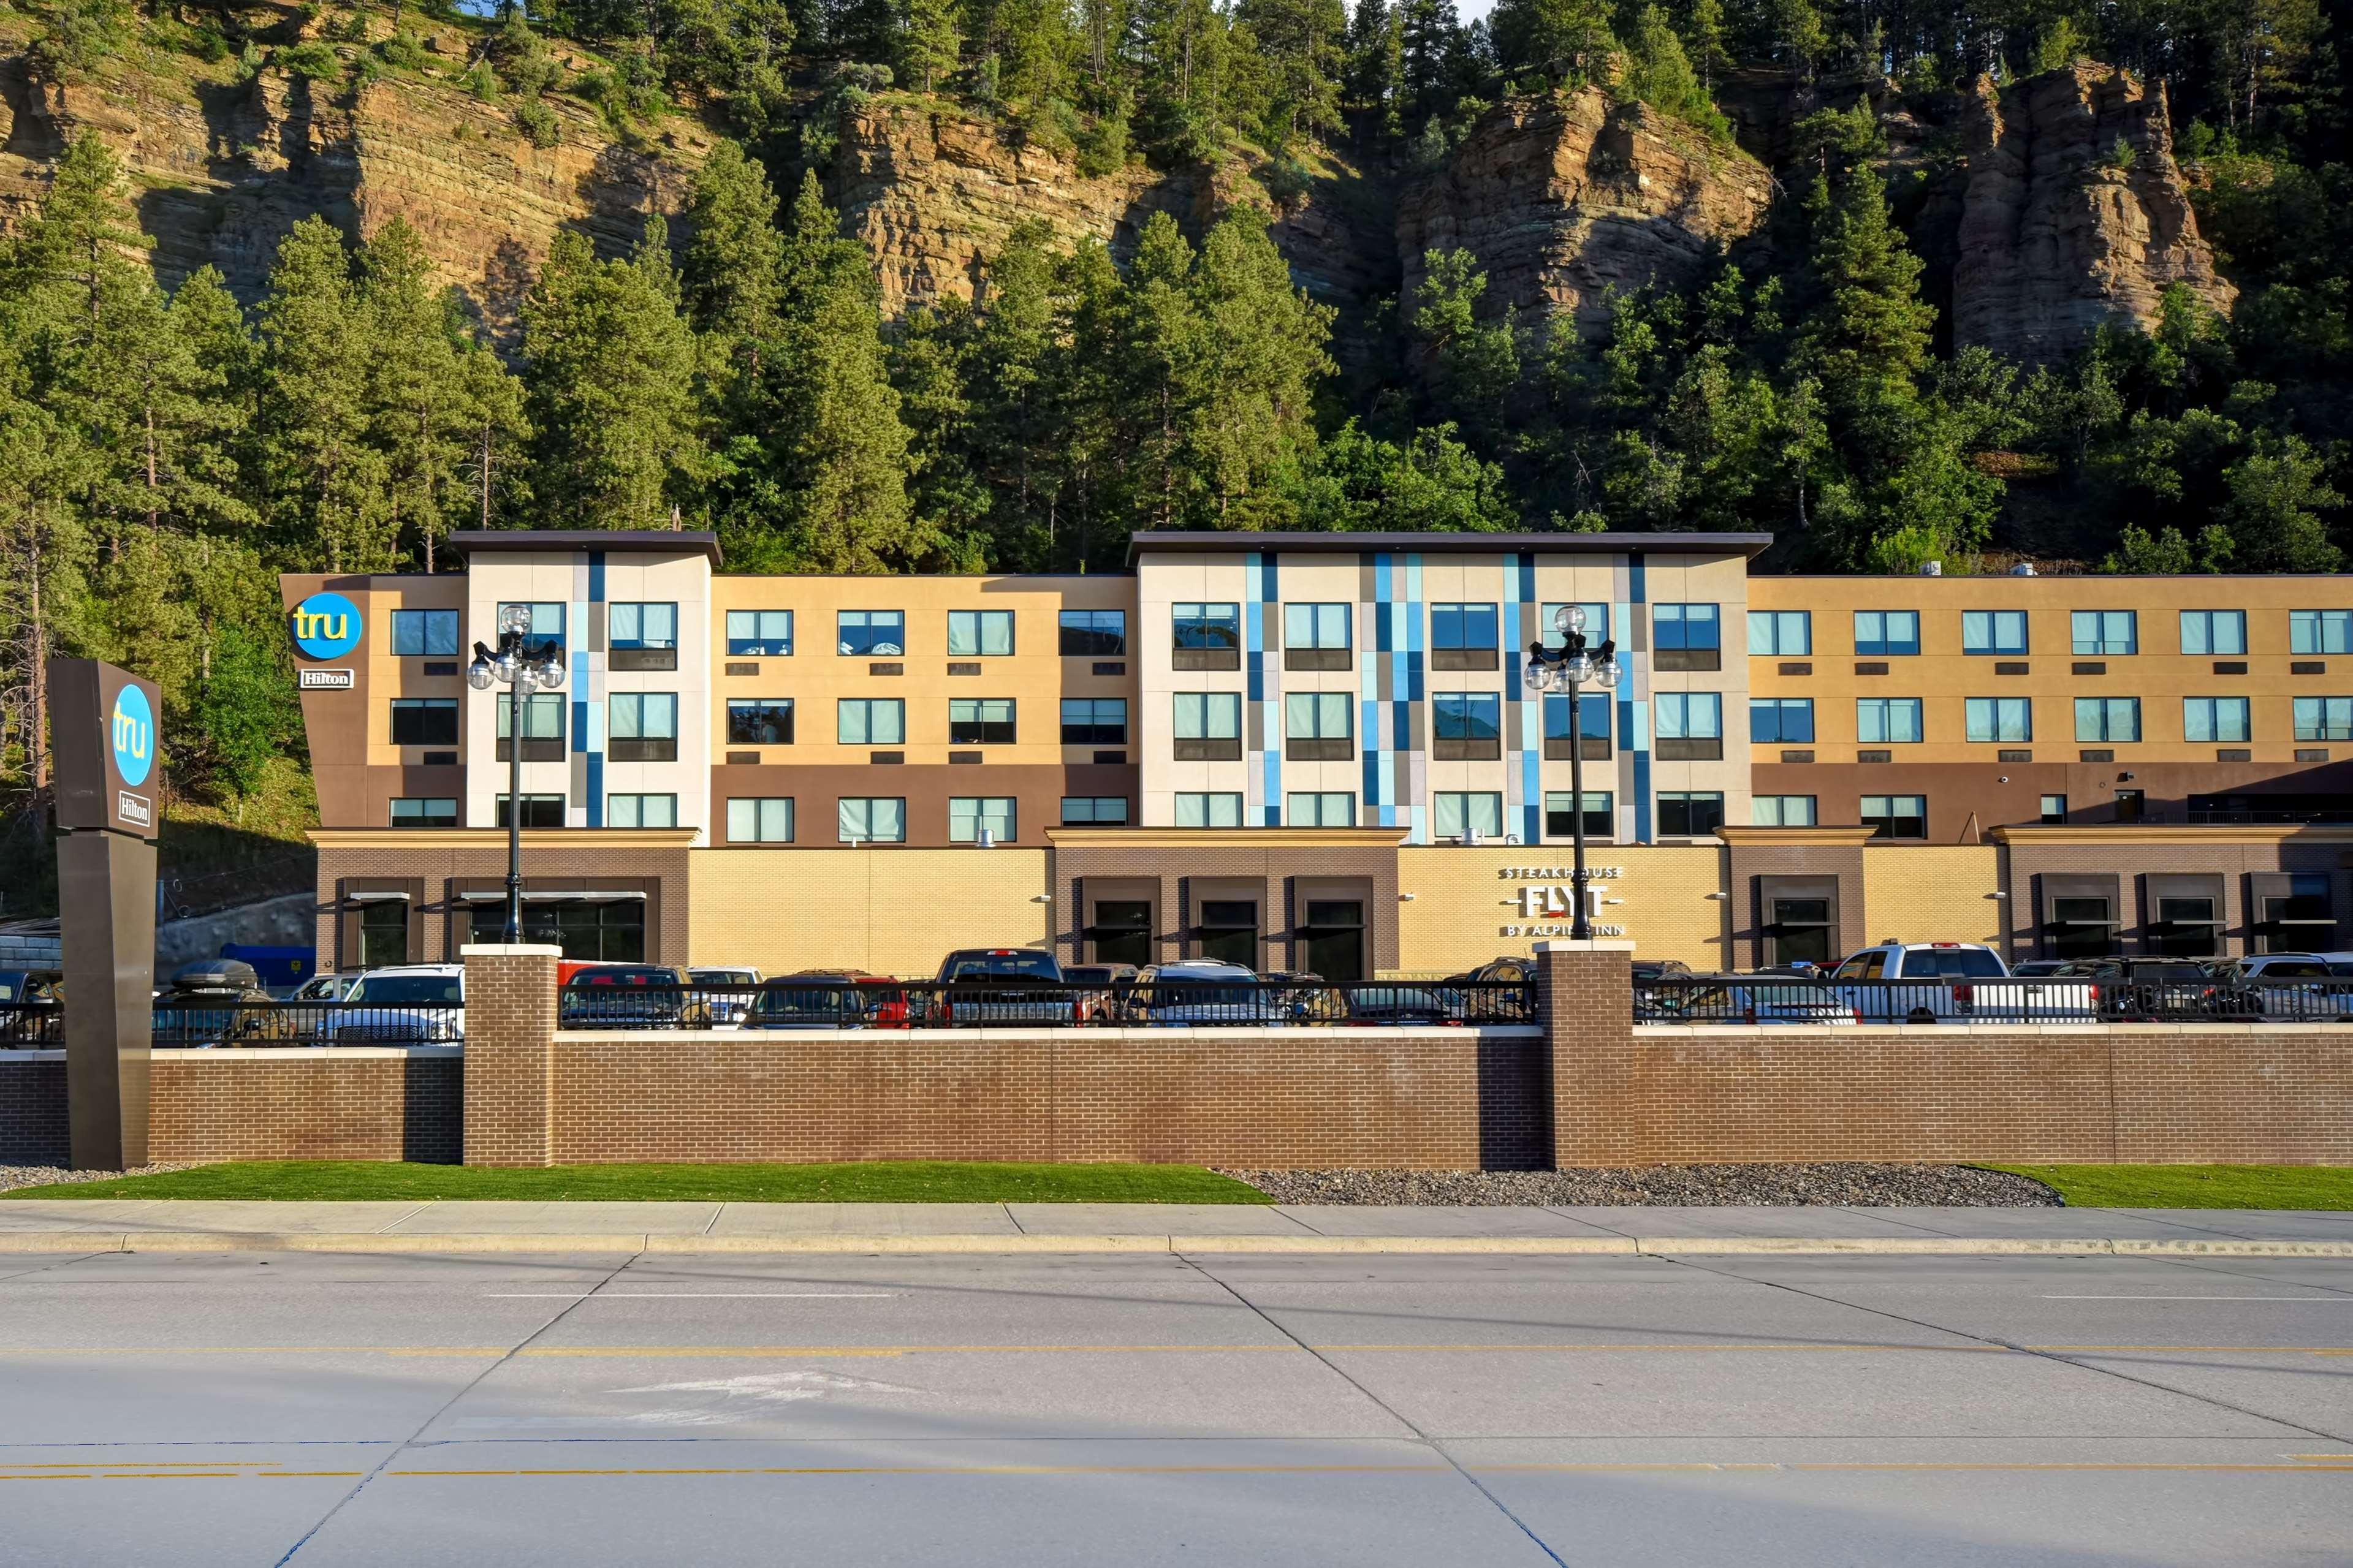 Tru by Hilton Deadwood image 2